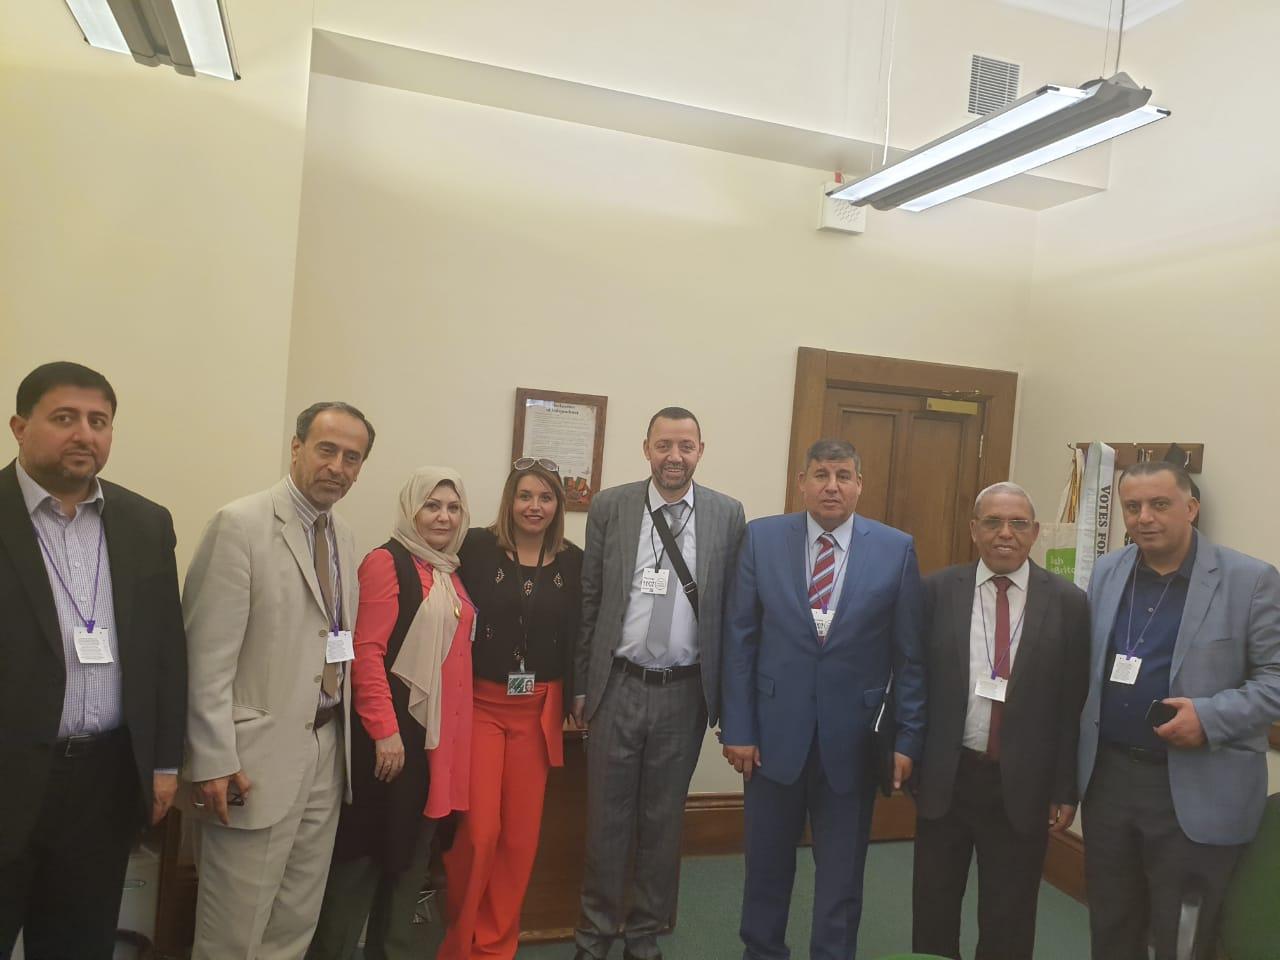 لجنة فلسطين تلتقي حزب الشين فين الايرلندي